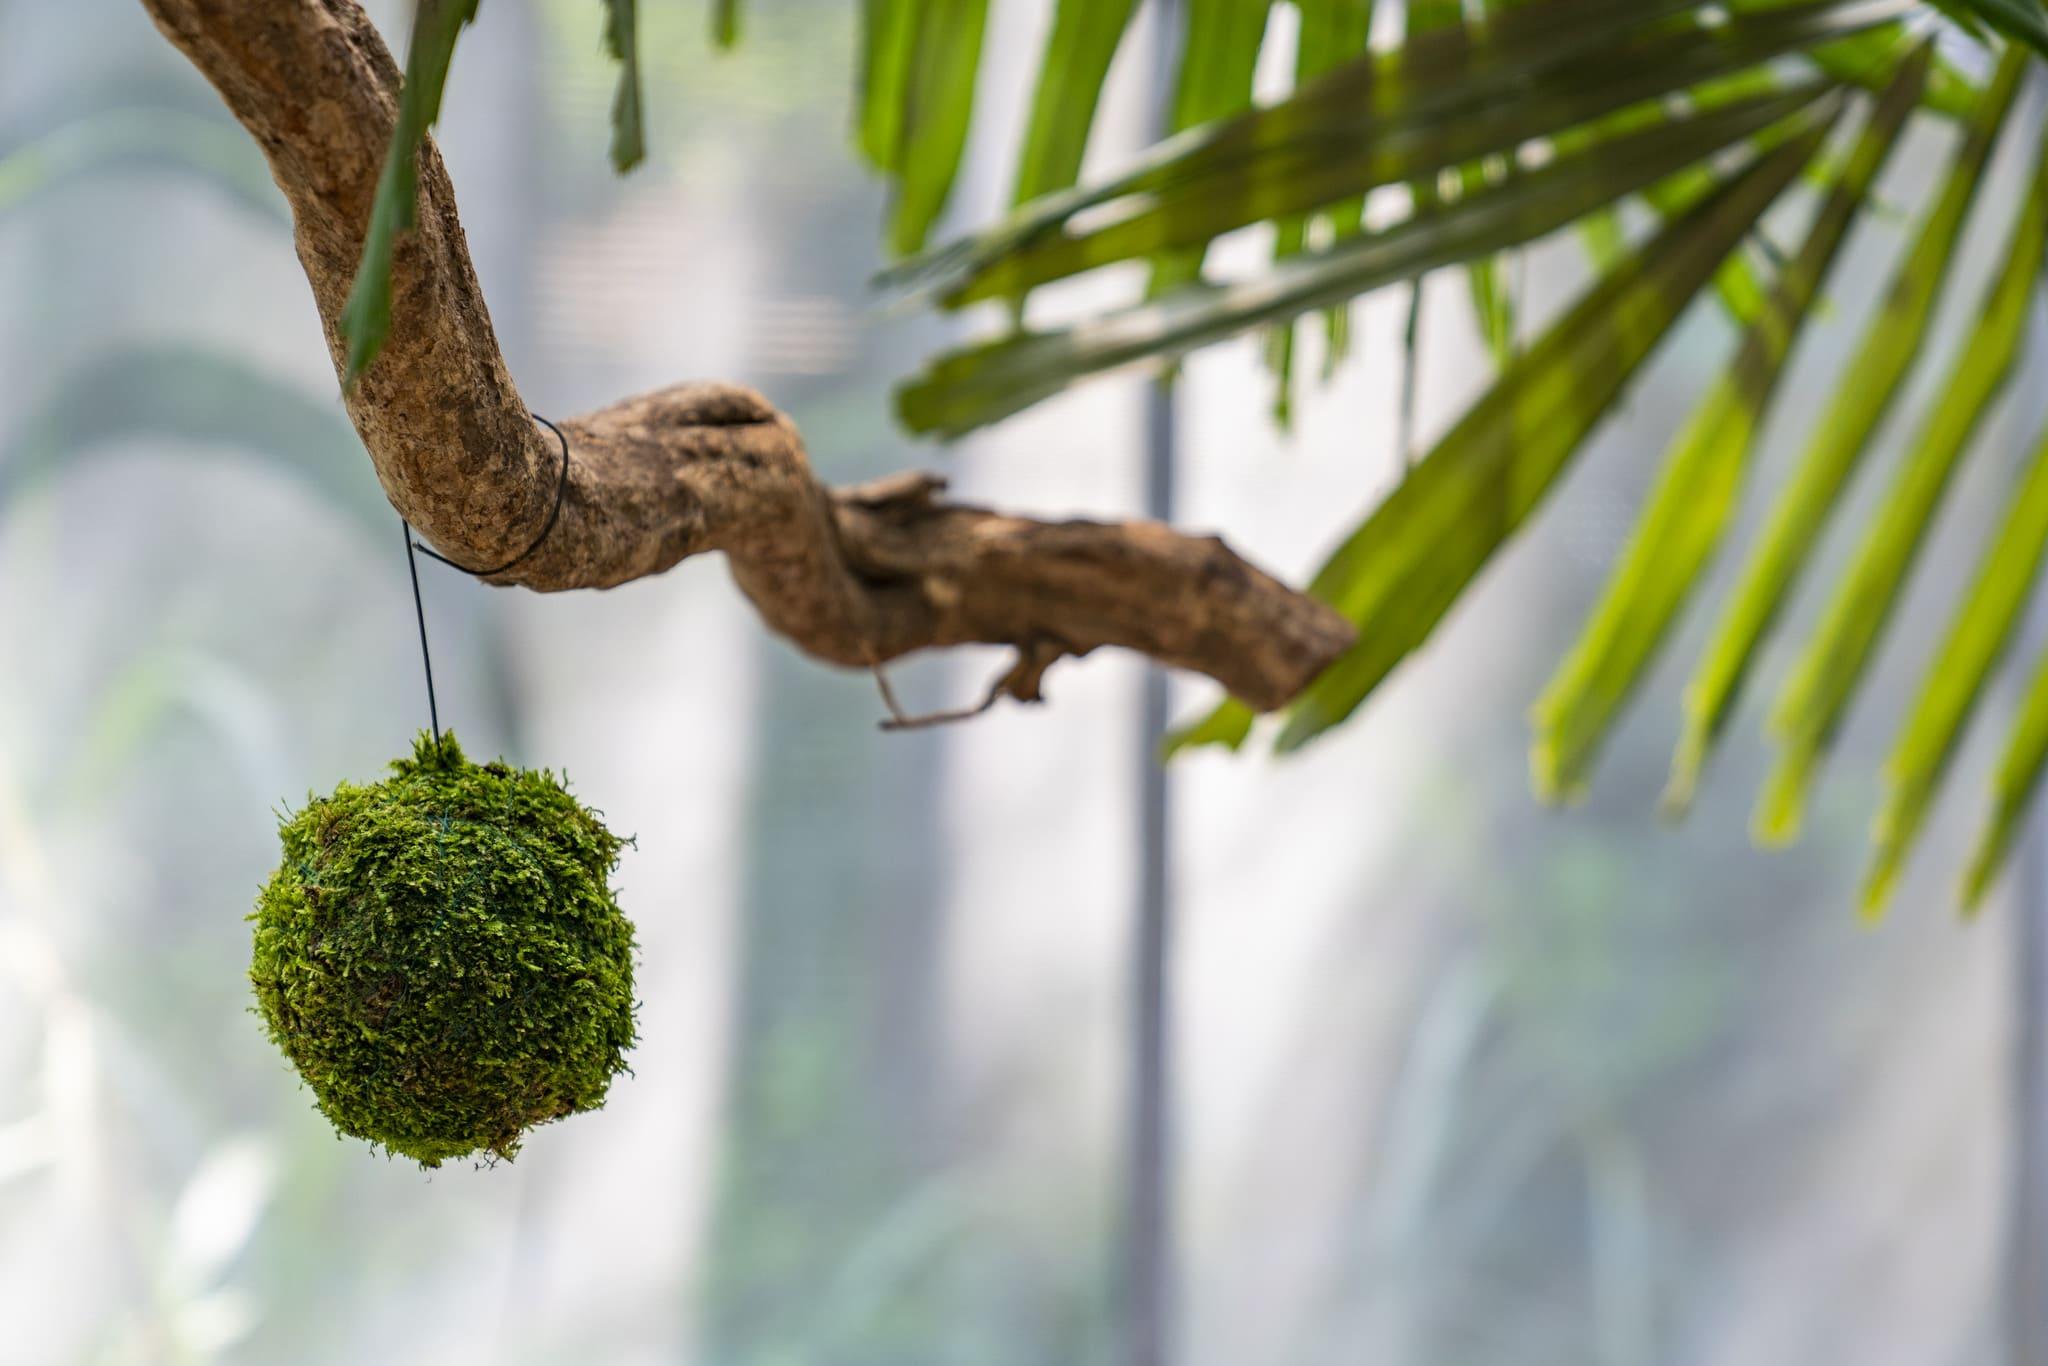 【勤美學×CN Flower】讓生活成為一種美學,走進香格里拉中的「森林大學」